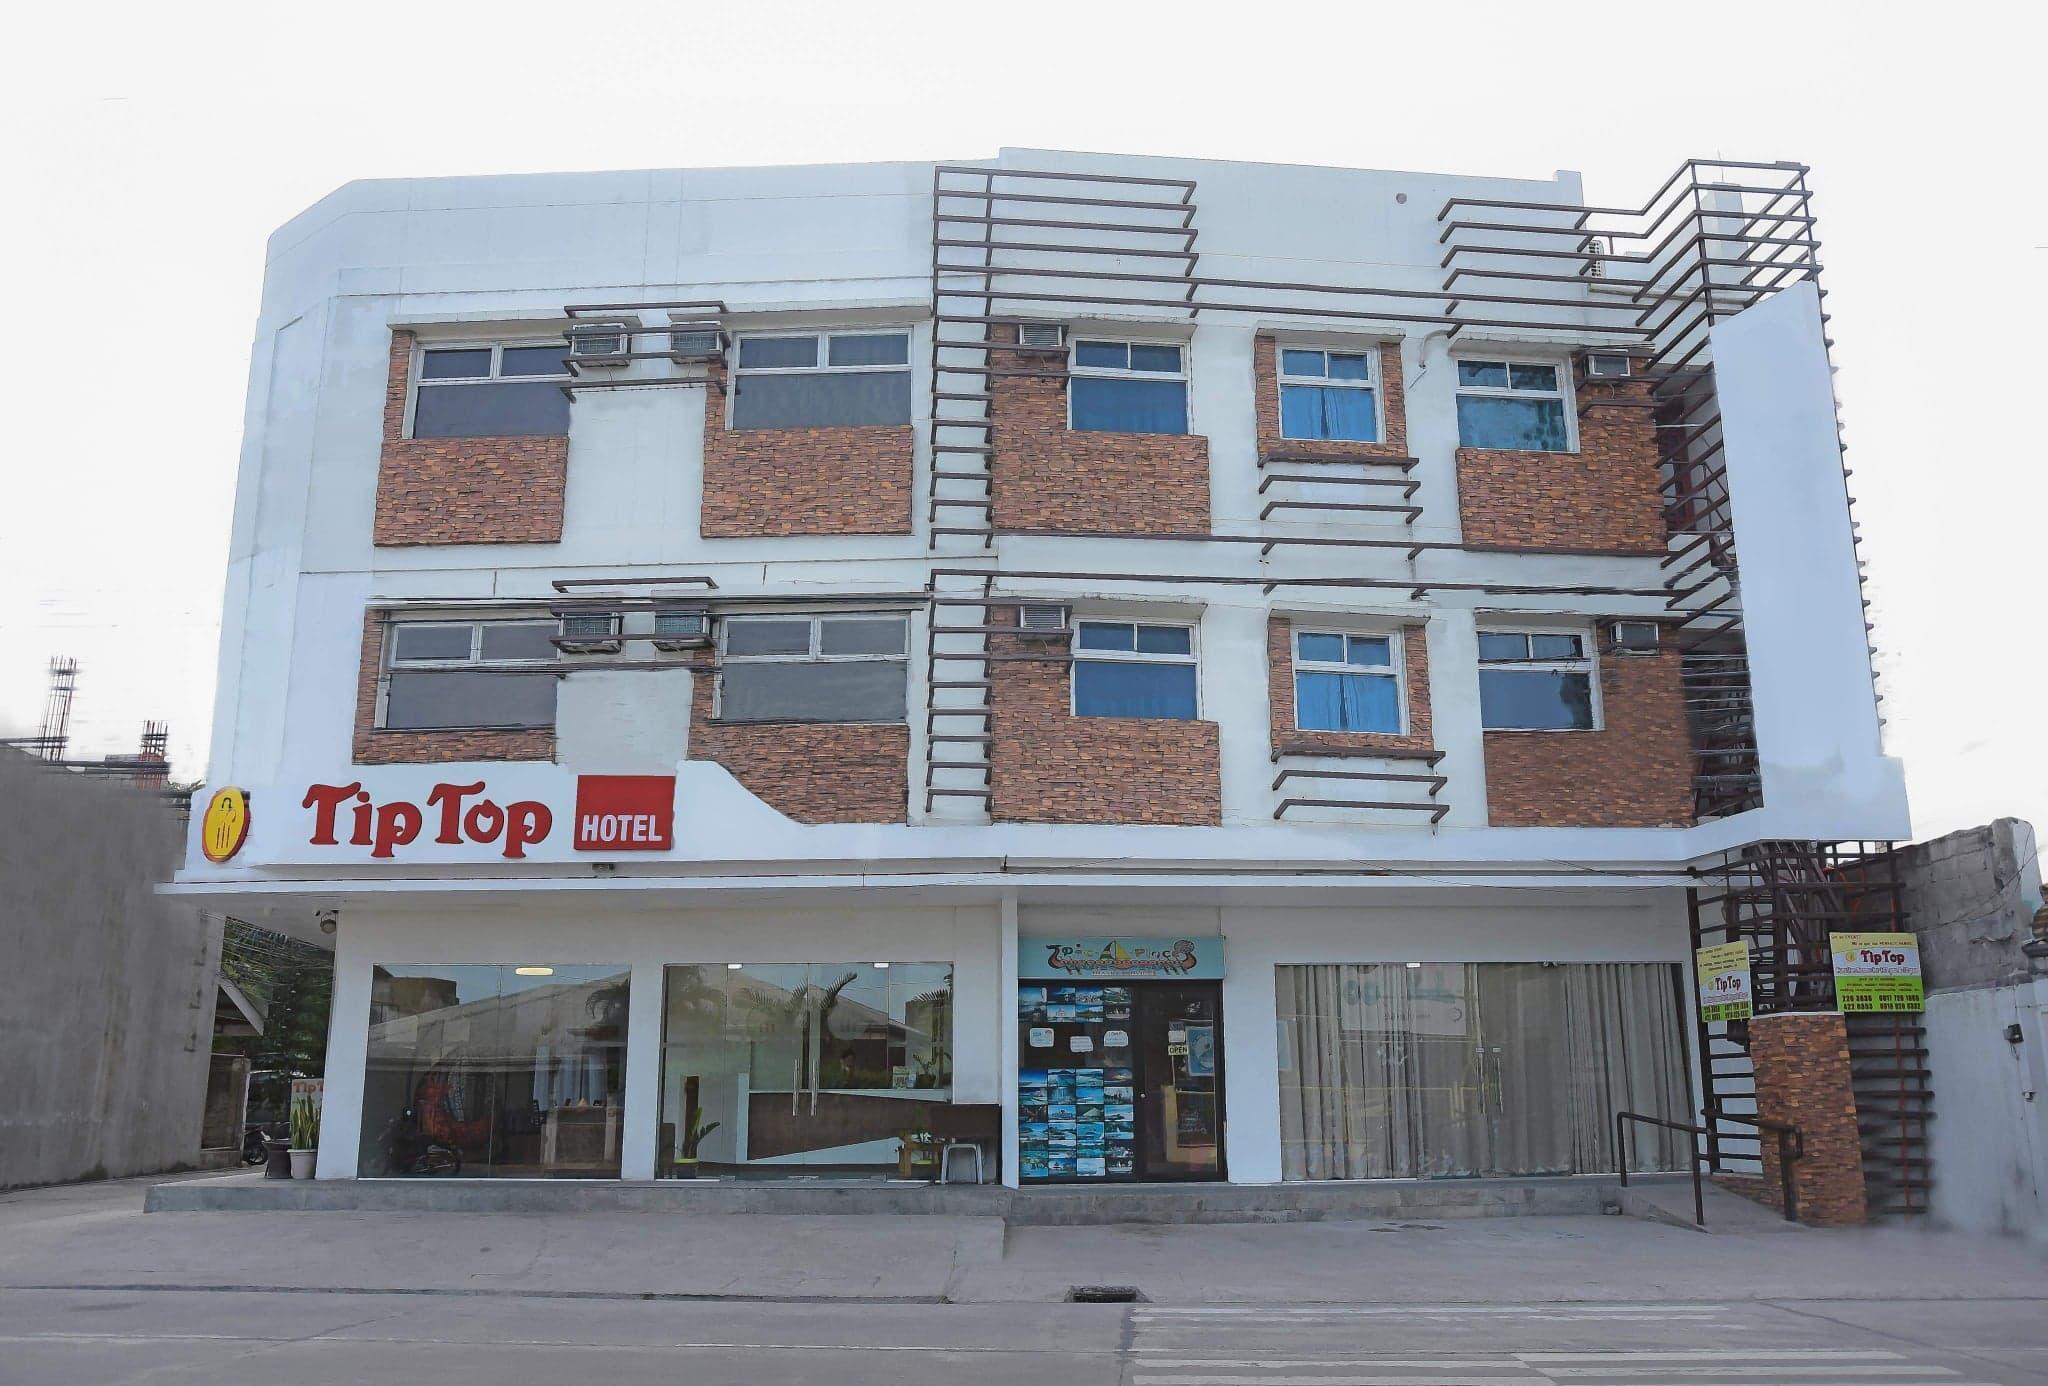 Tiptop Tower Suite Inn